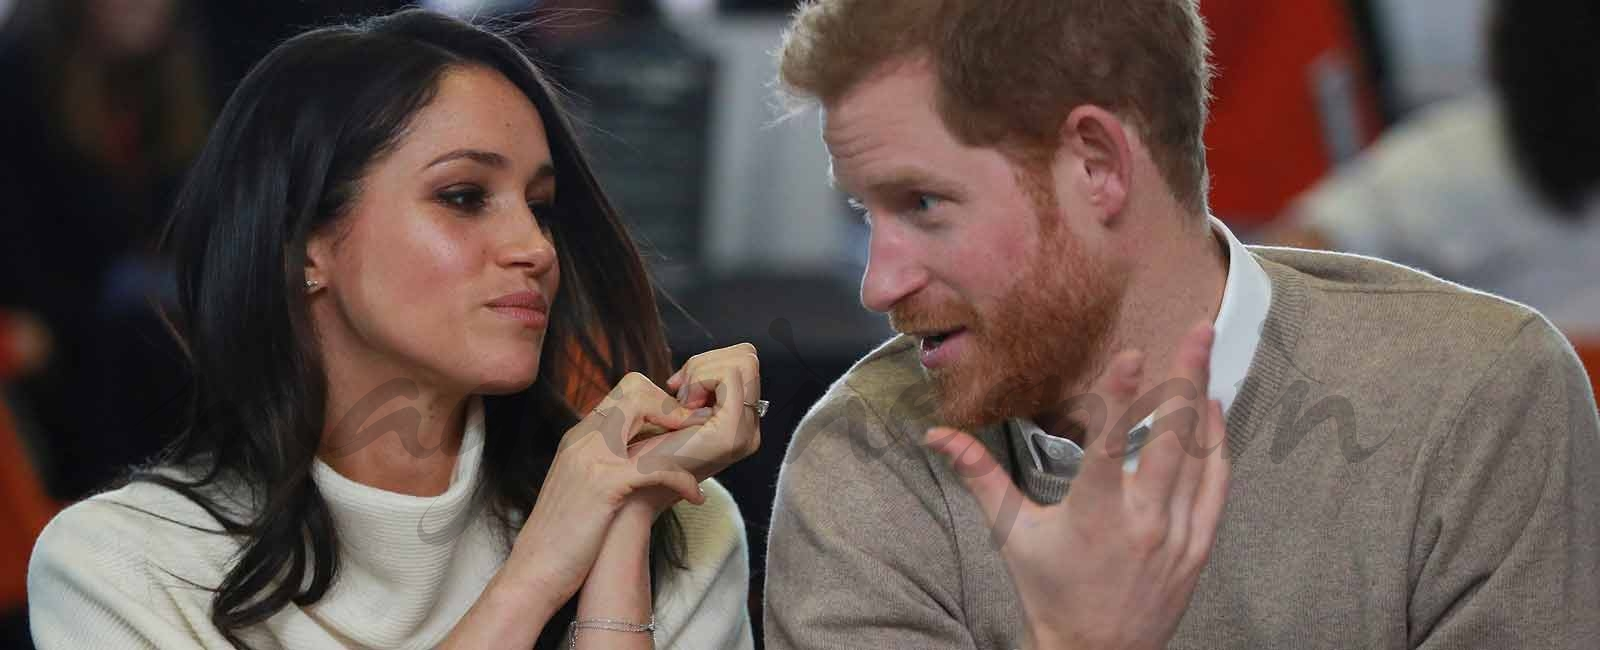 La imagen más cercana de Meghan Markle y el príncipe Harry